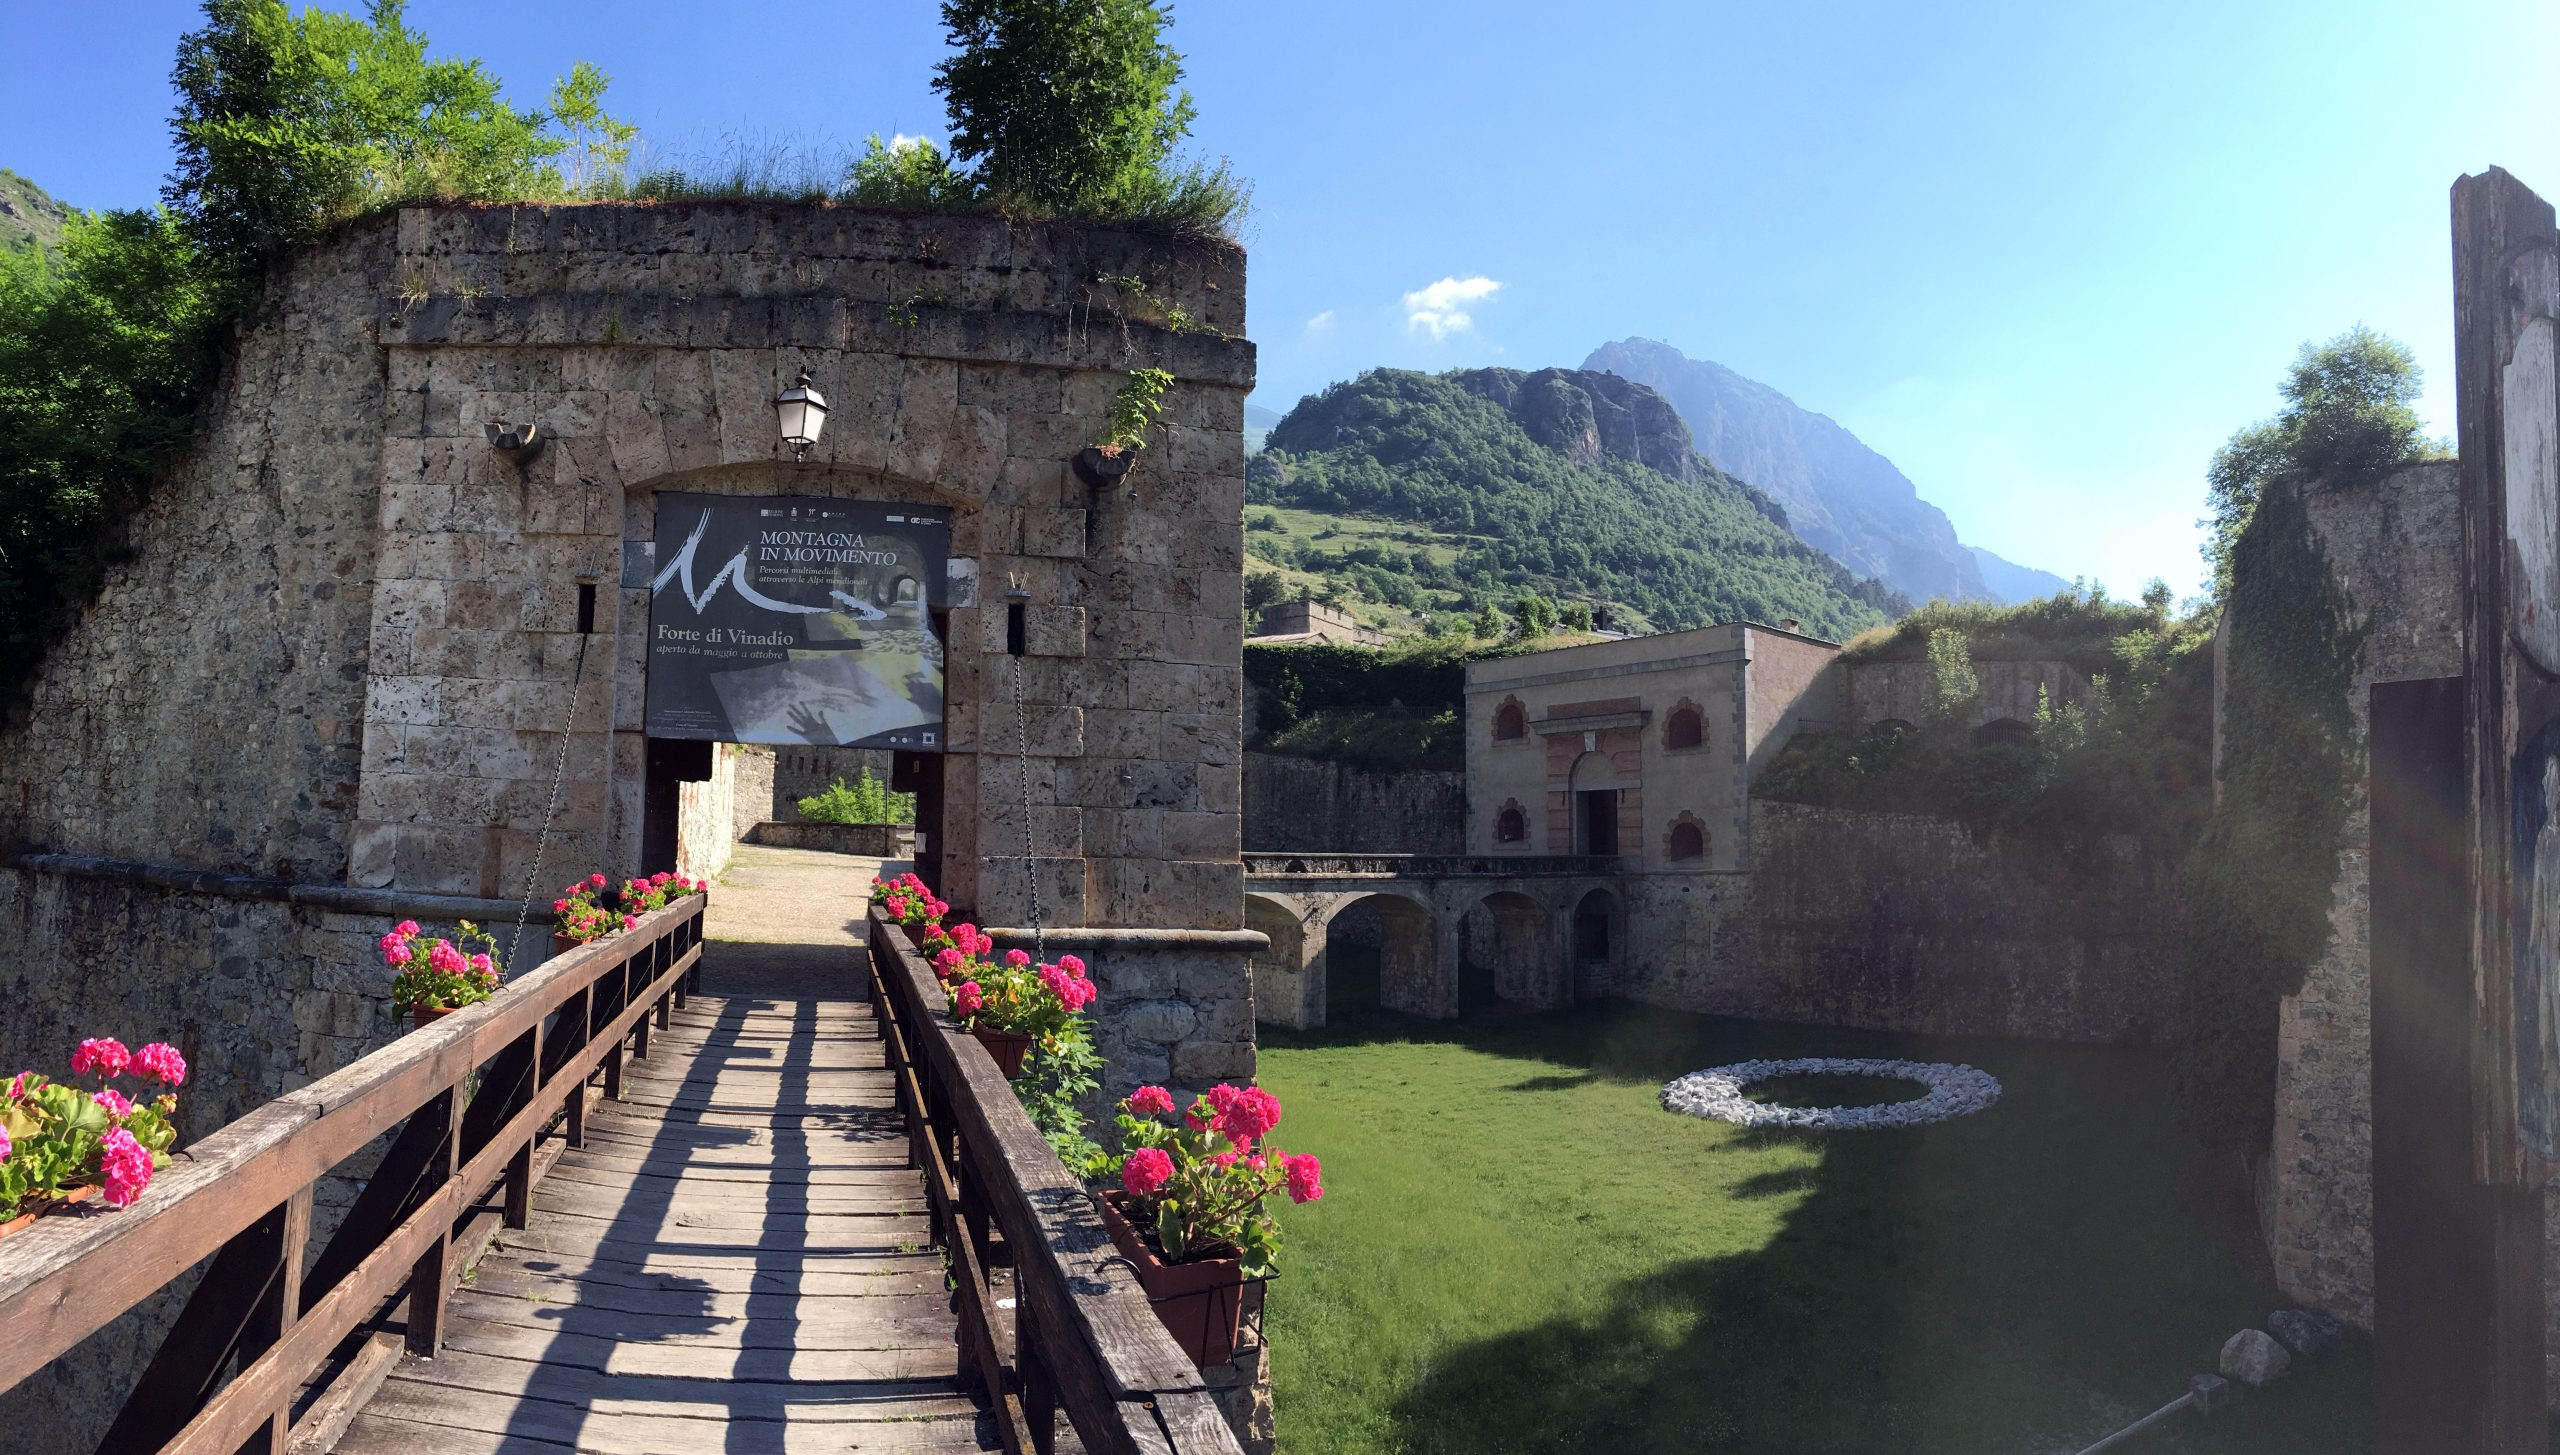 L'ingresso del Forte di Vinadio (Foto di Mauro Garello)